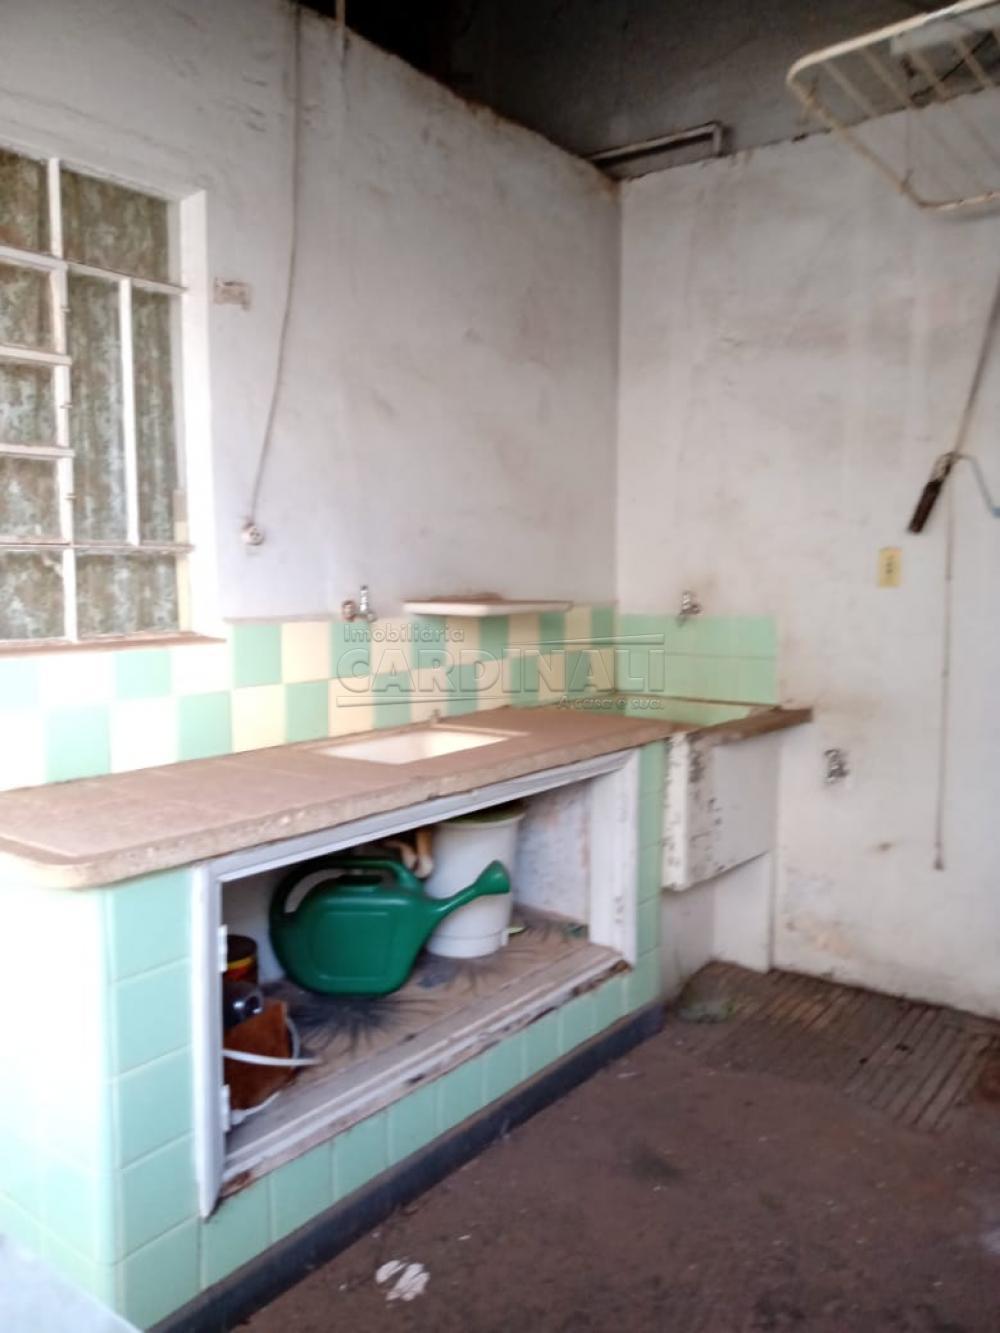 Comprar Casa / Padrão em São Carlos R$ 450.000,00 - Foto 24